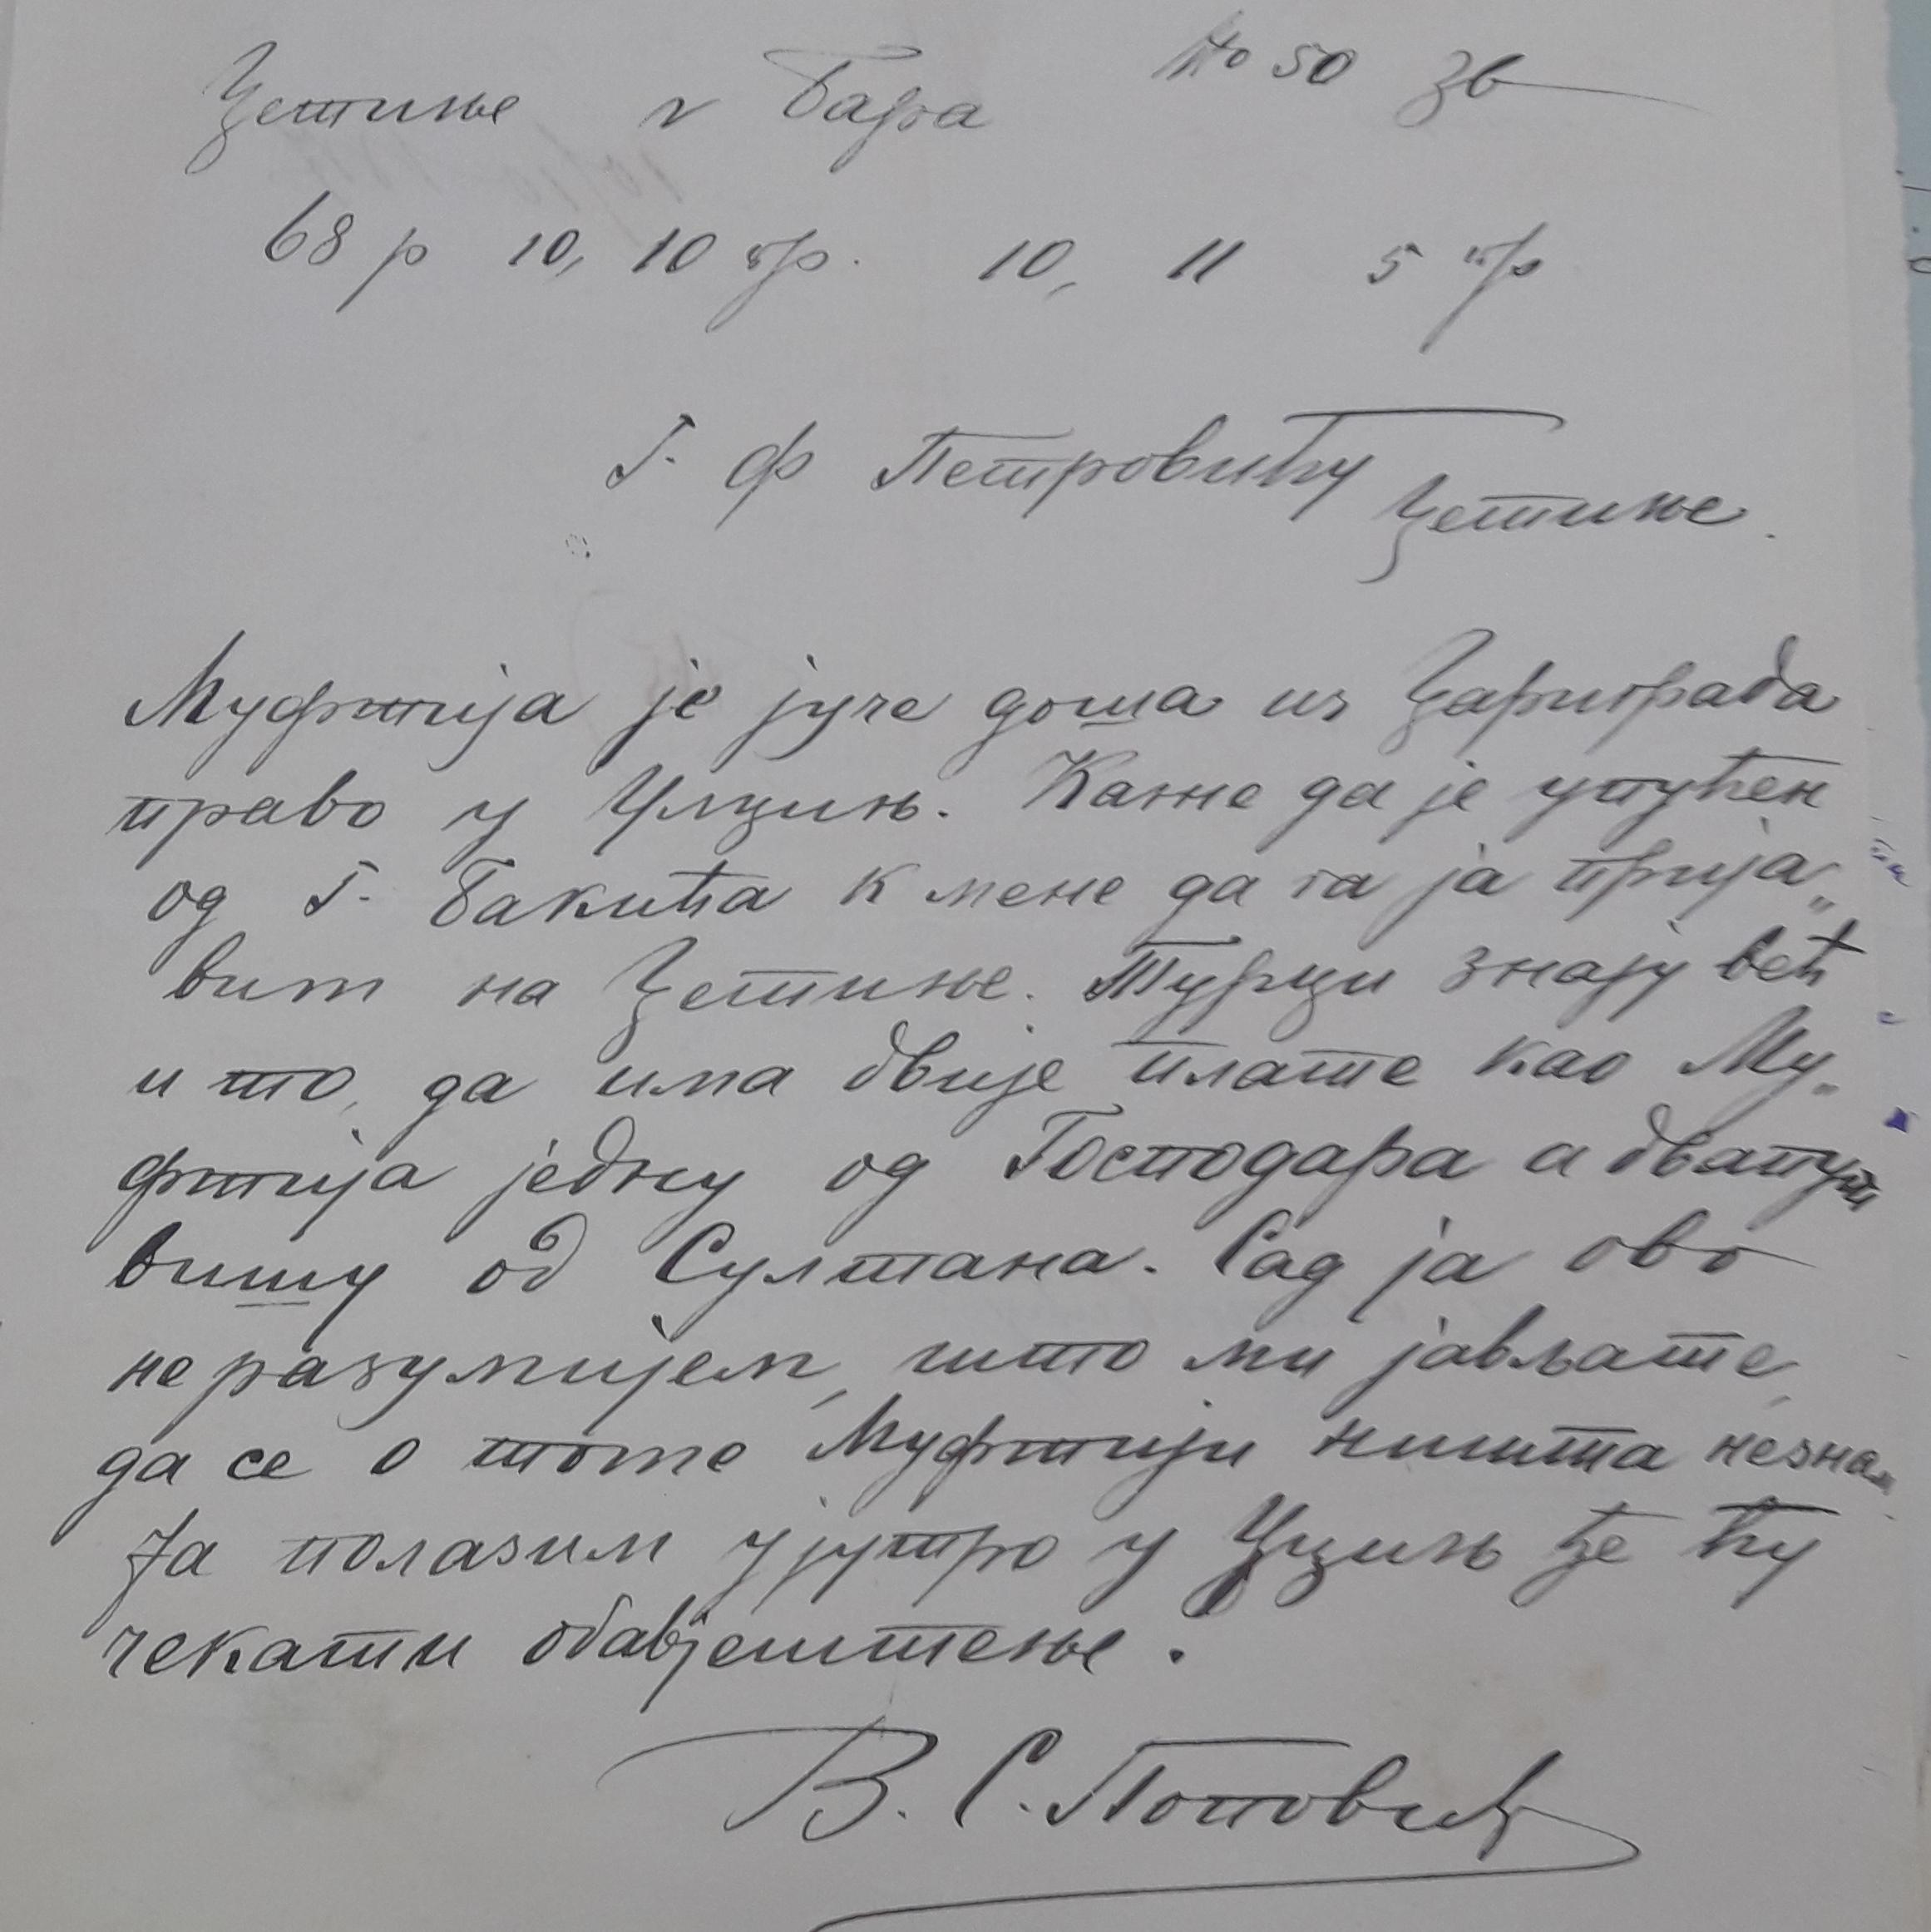 Traženje instrukcija od ministarstva unutrašnjih djela po pitanju sumnjivog muftije, MUD, 1886.